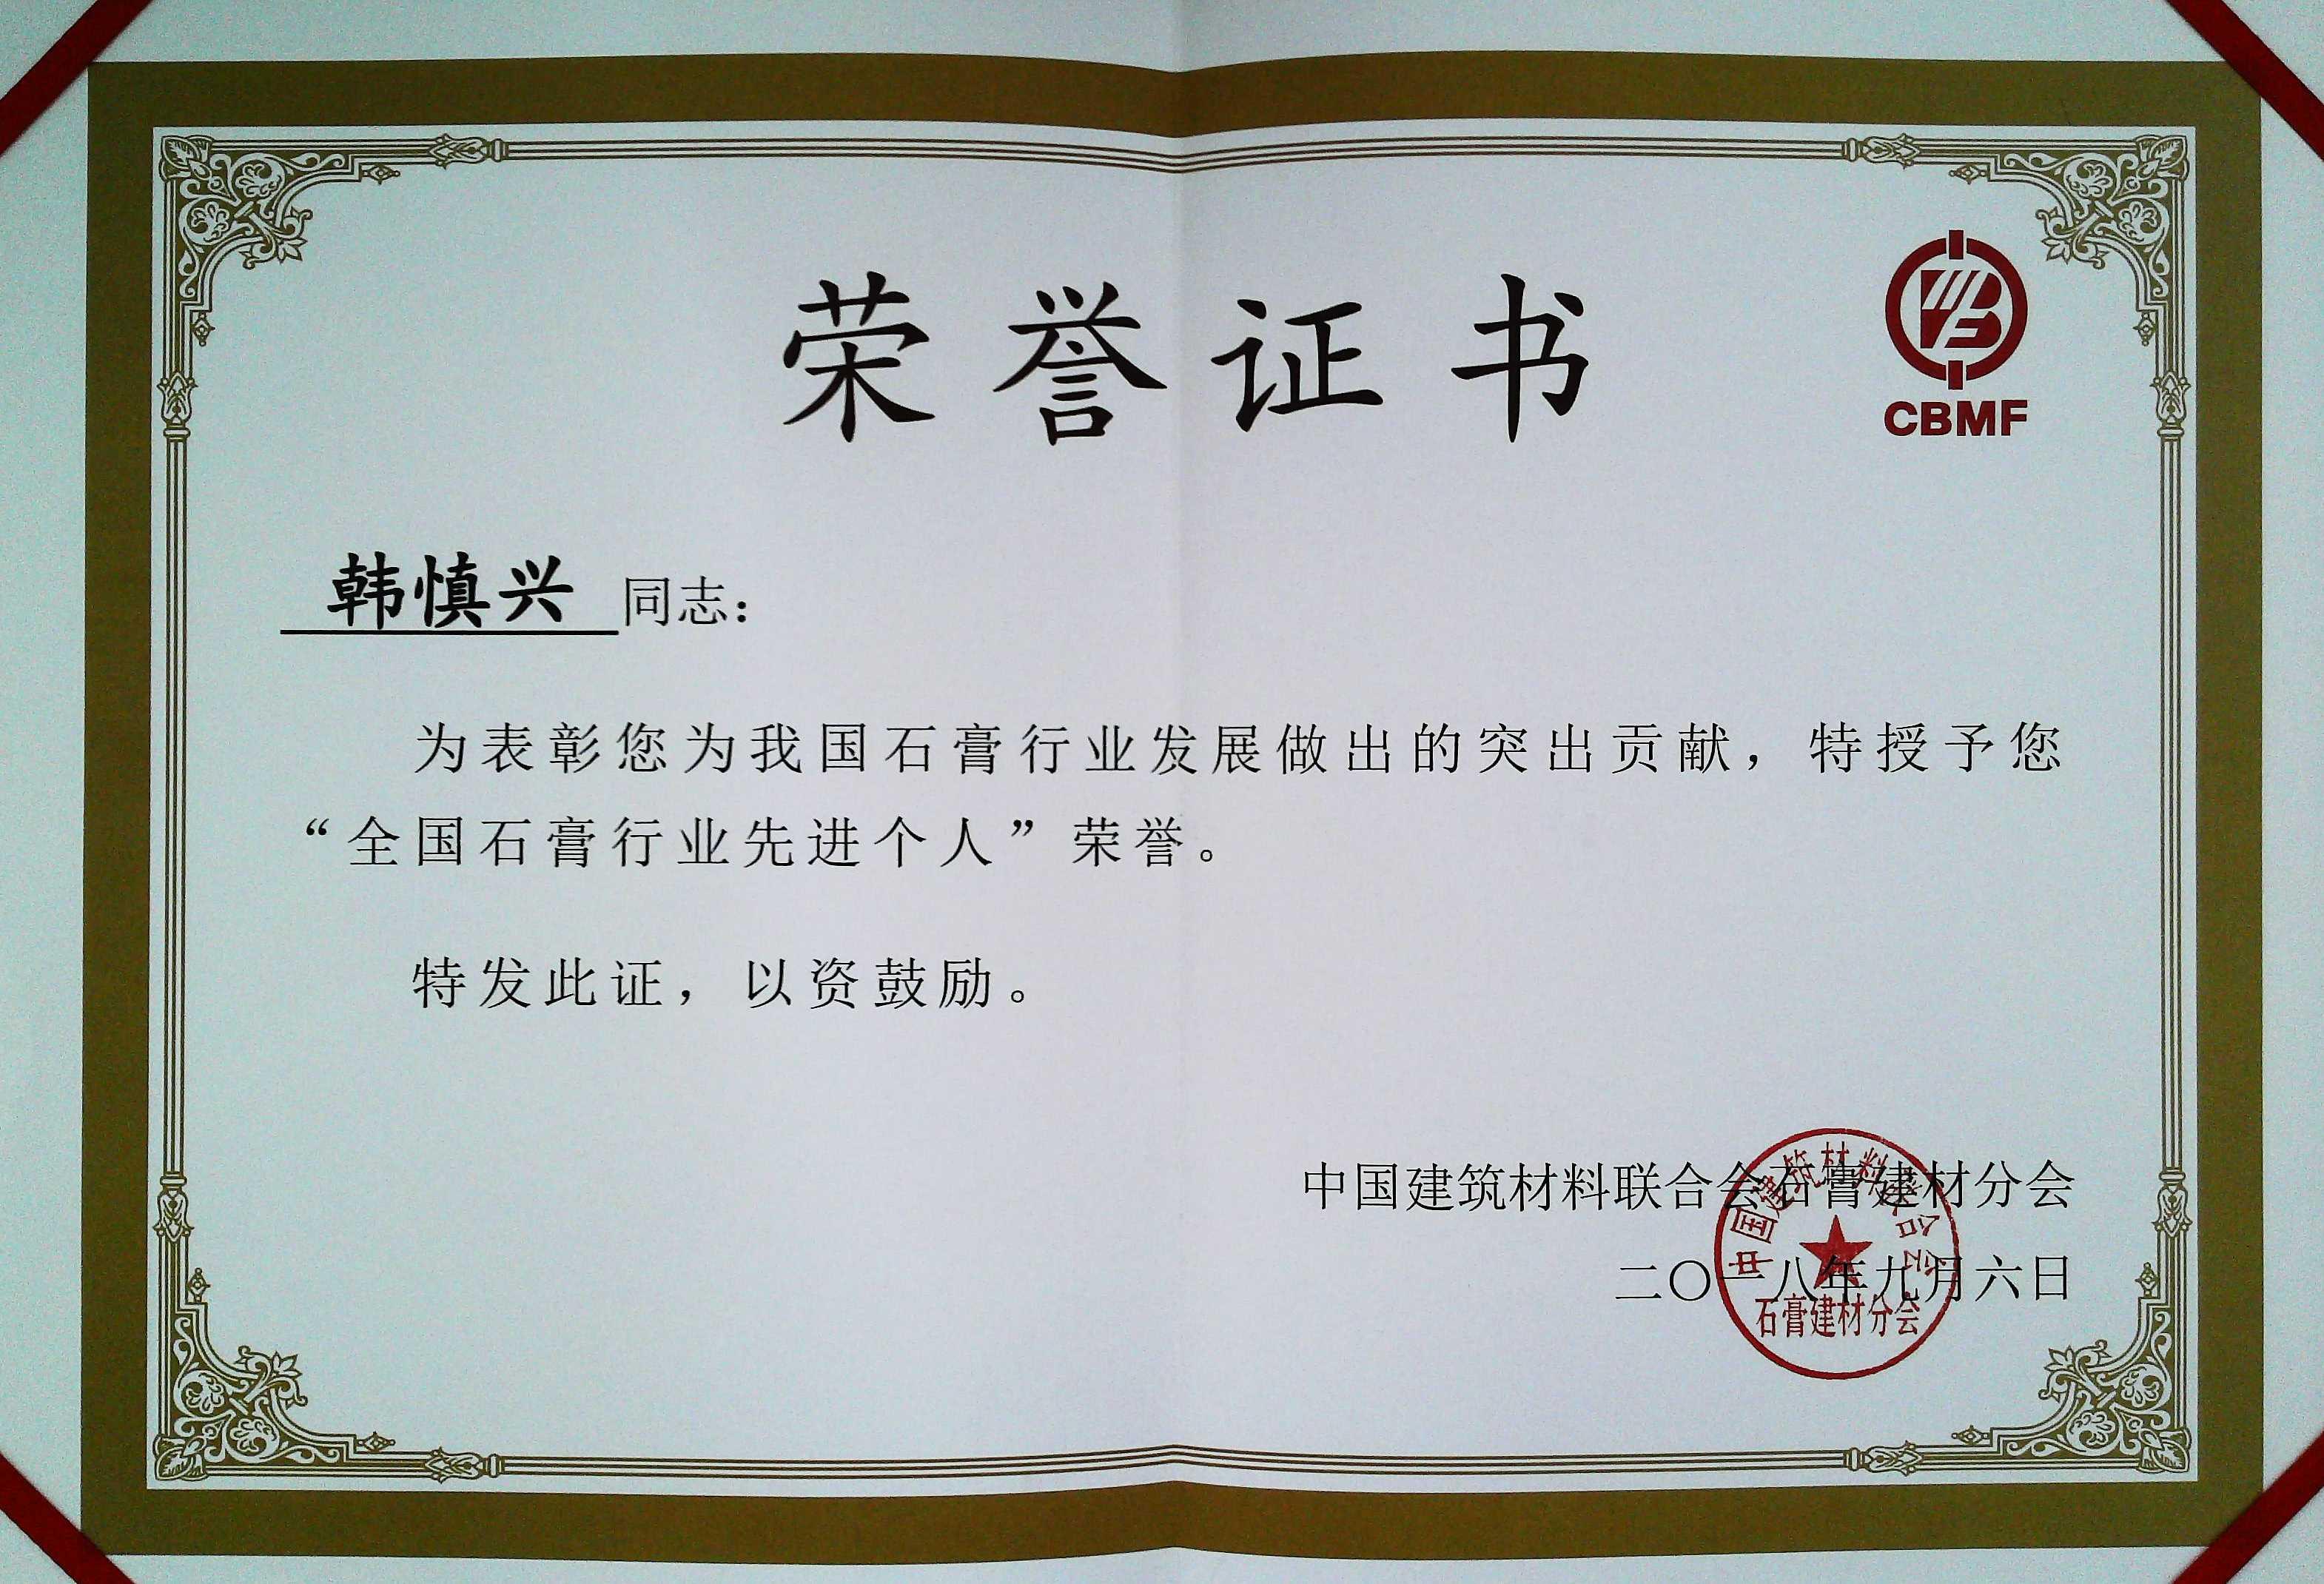 石膏建材荣誉证书